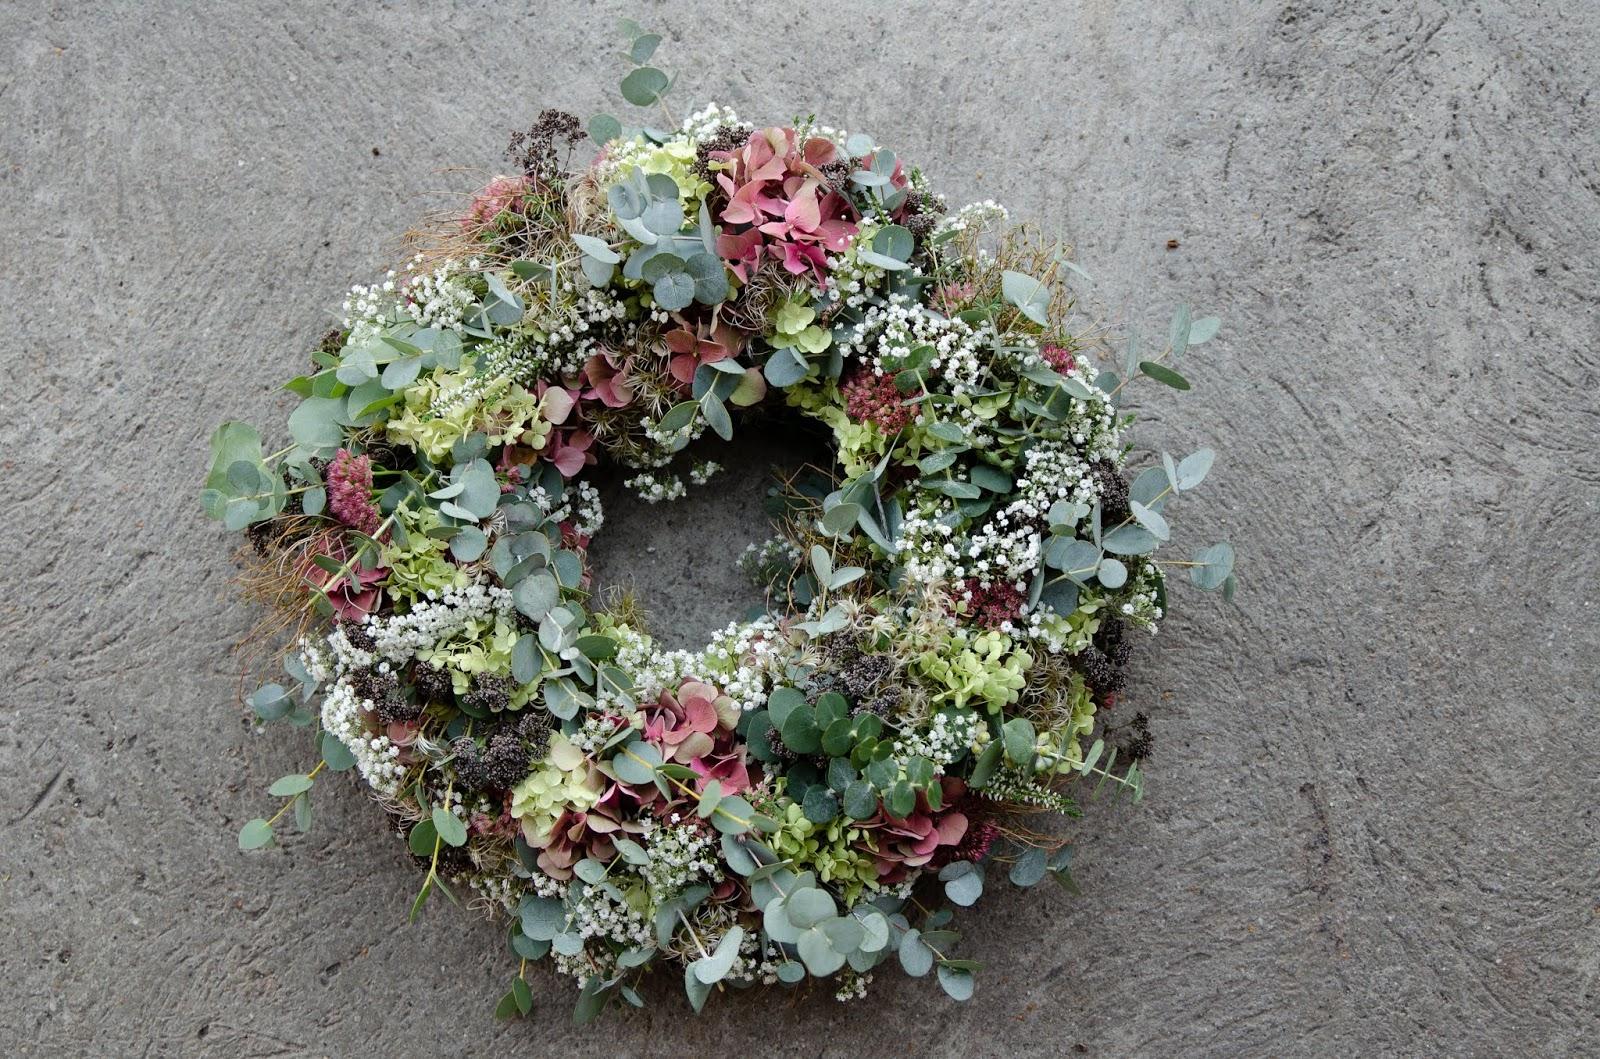 DIY Kranz für den Herbst. Dekoidee selber machen Kränze: Hortensien Fette Henne Eukalyptus Pistazienzweige Herbstkranz binden Workshop Kreativ Natürlich Ideenreich